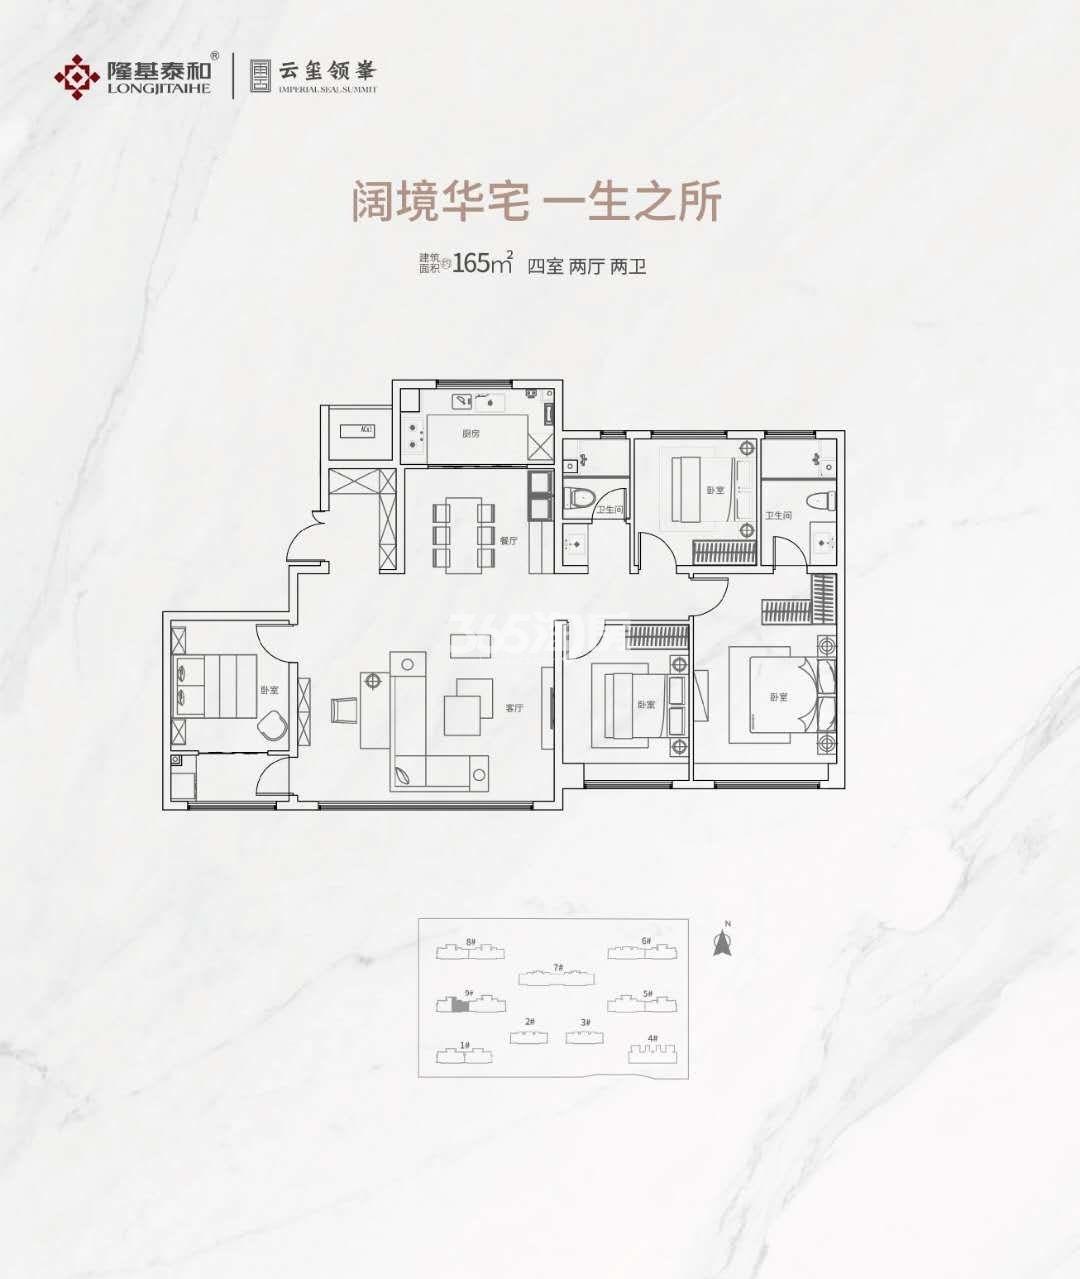 隆基泰和云玺领峯165㎡四室两厅两卫一厨户型